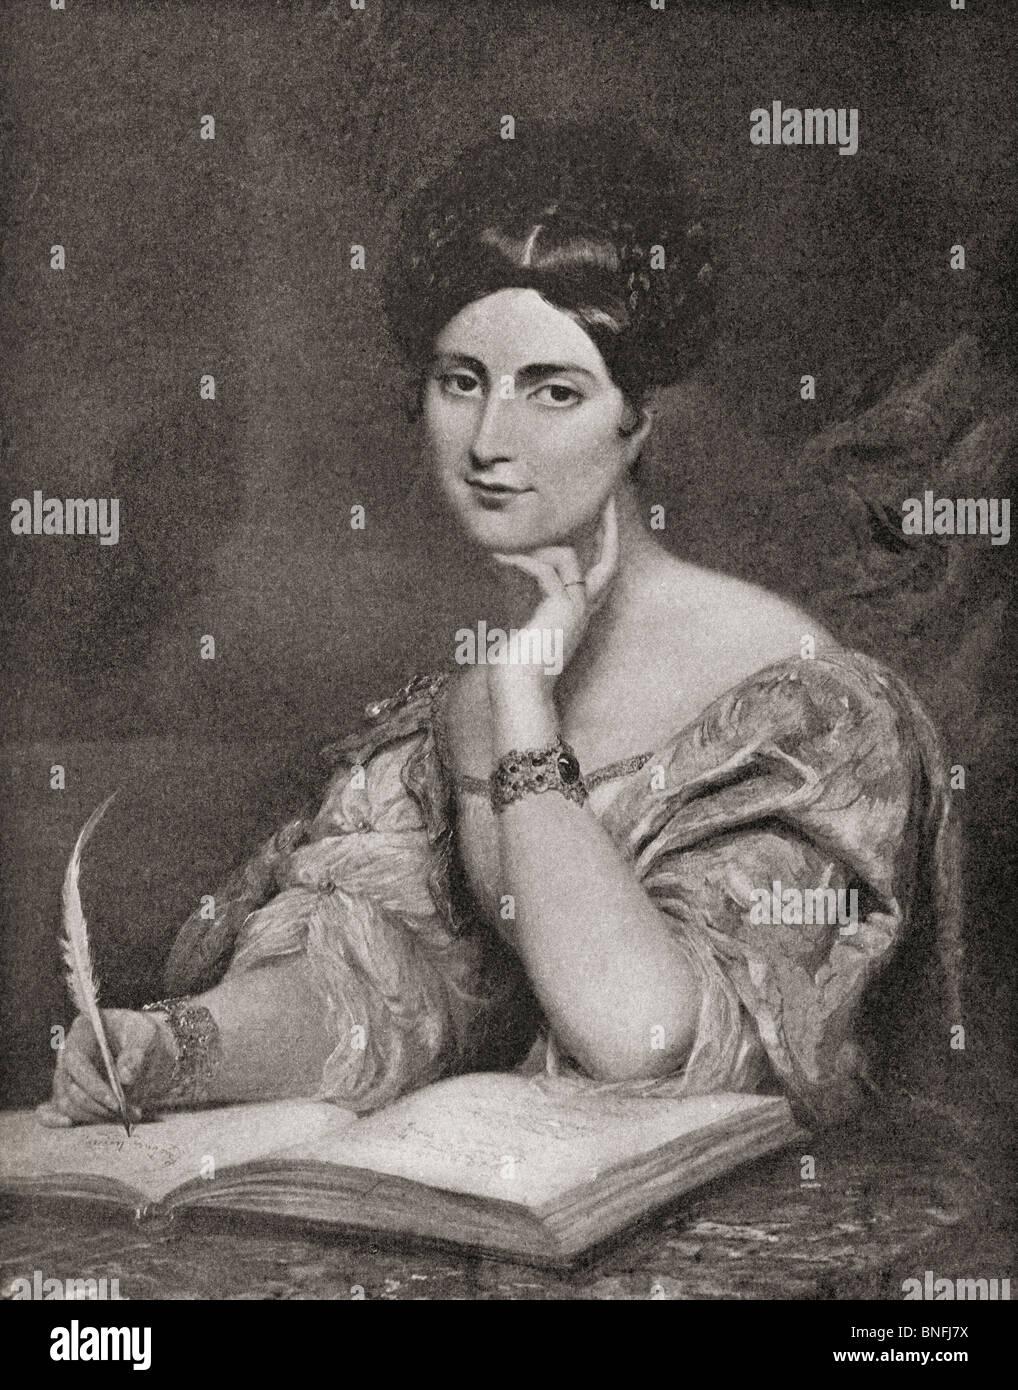 L'onorevole signora Caroline Norton, 1808 a 1877. Autore inglese e riformatore. Immagini Stock